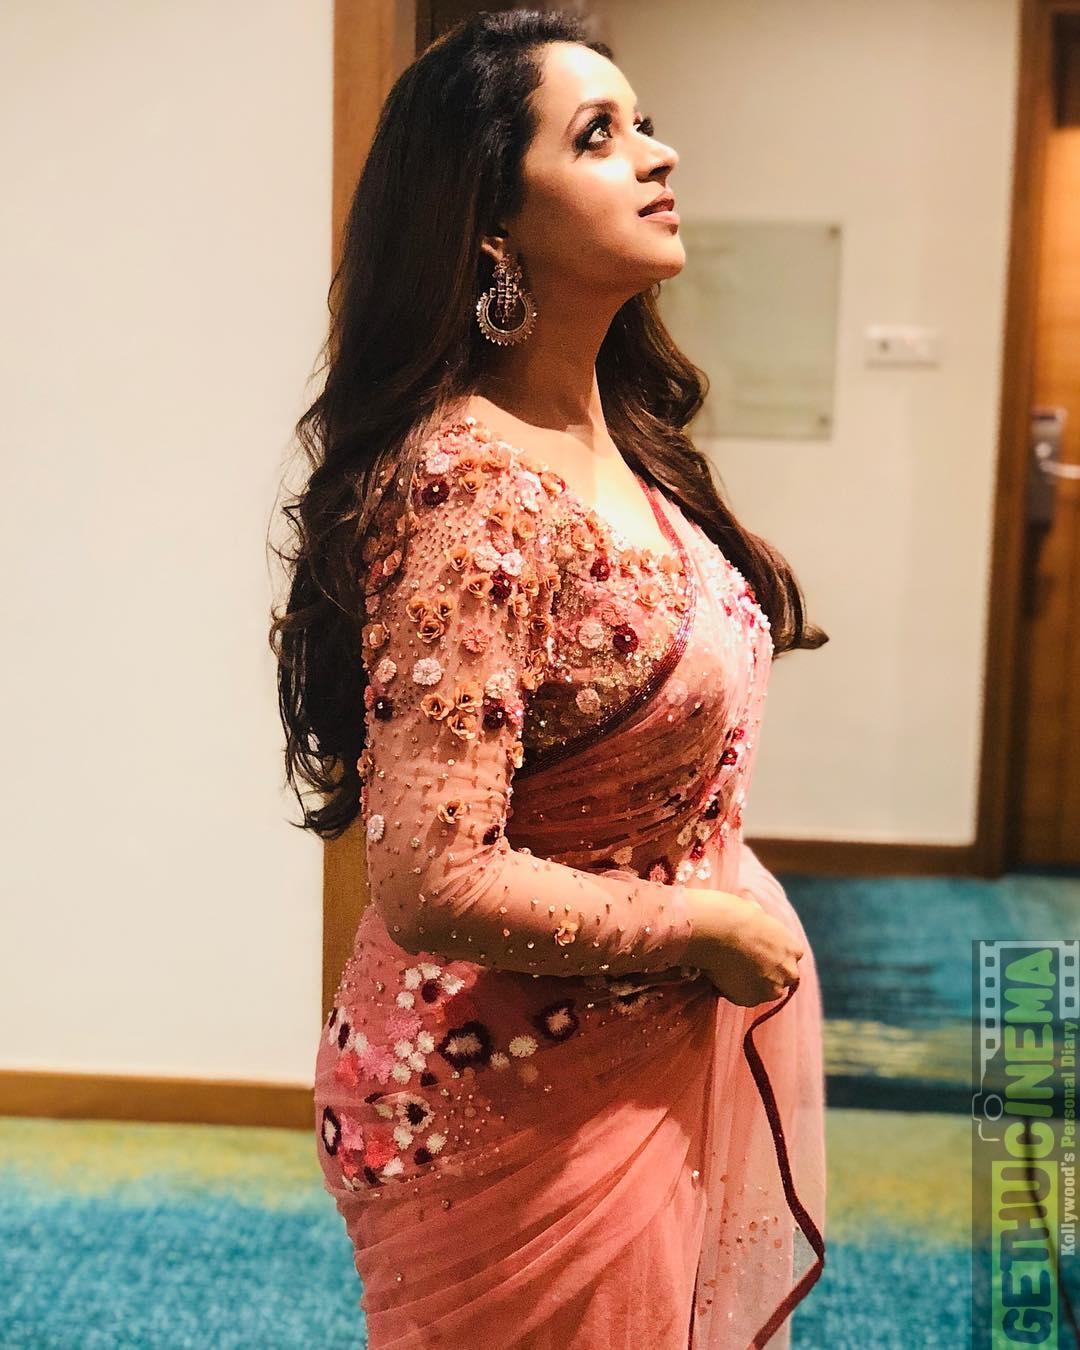 Bhavana bhavana menon excellent saree gethu cinema bhavana bhavana menon excellent saree altavistaventures Gallery